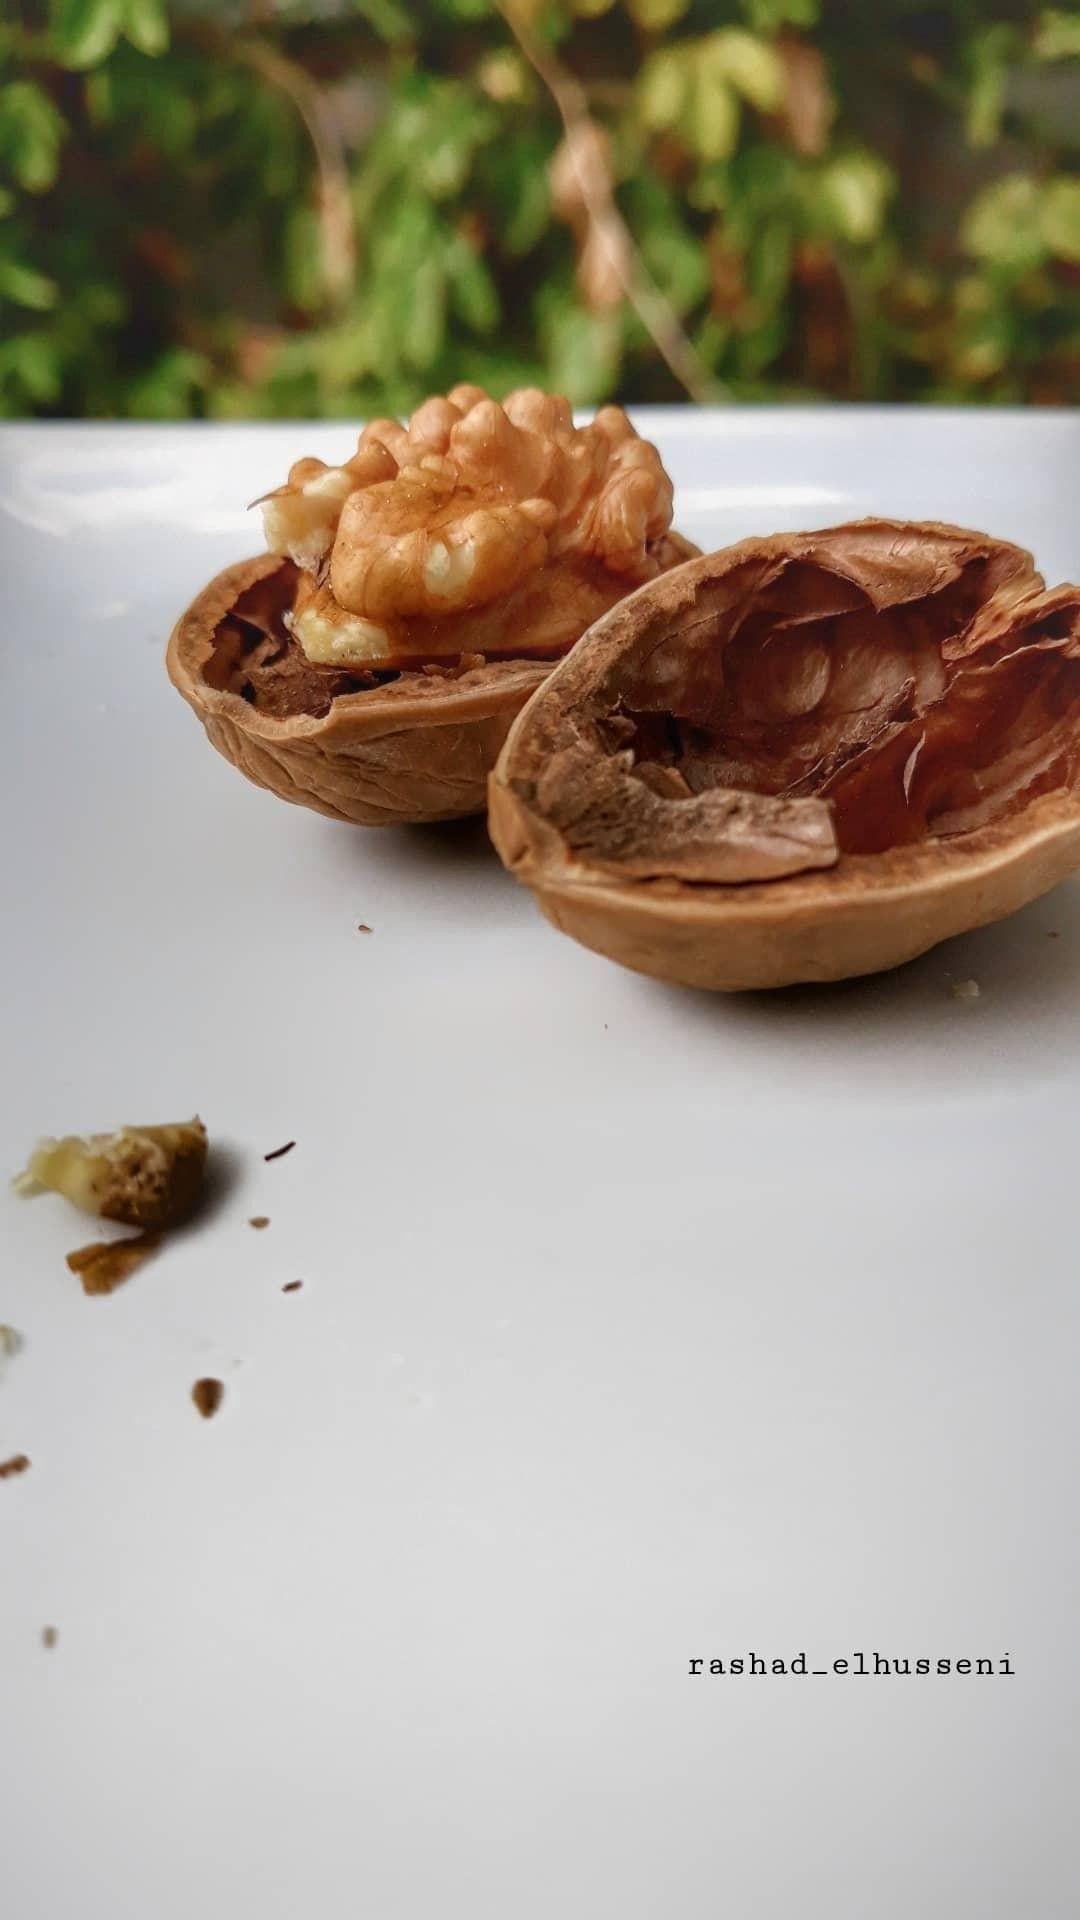 طبخ طعام اكل شواية طبخي مطبخ طبيخ كبسة رز هندي بخاري مندي حلا كيك كعكة طباخ مطبخي Food Breakfast Muffin